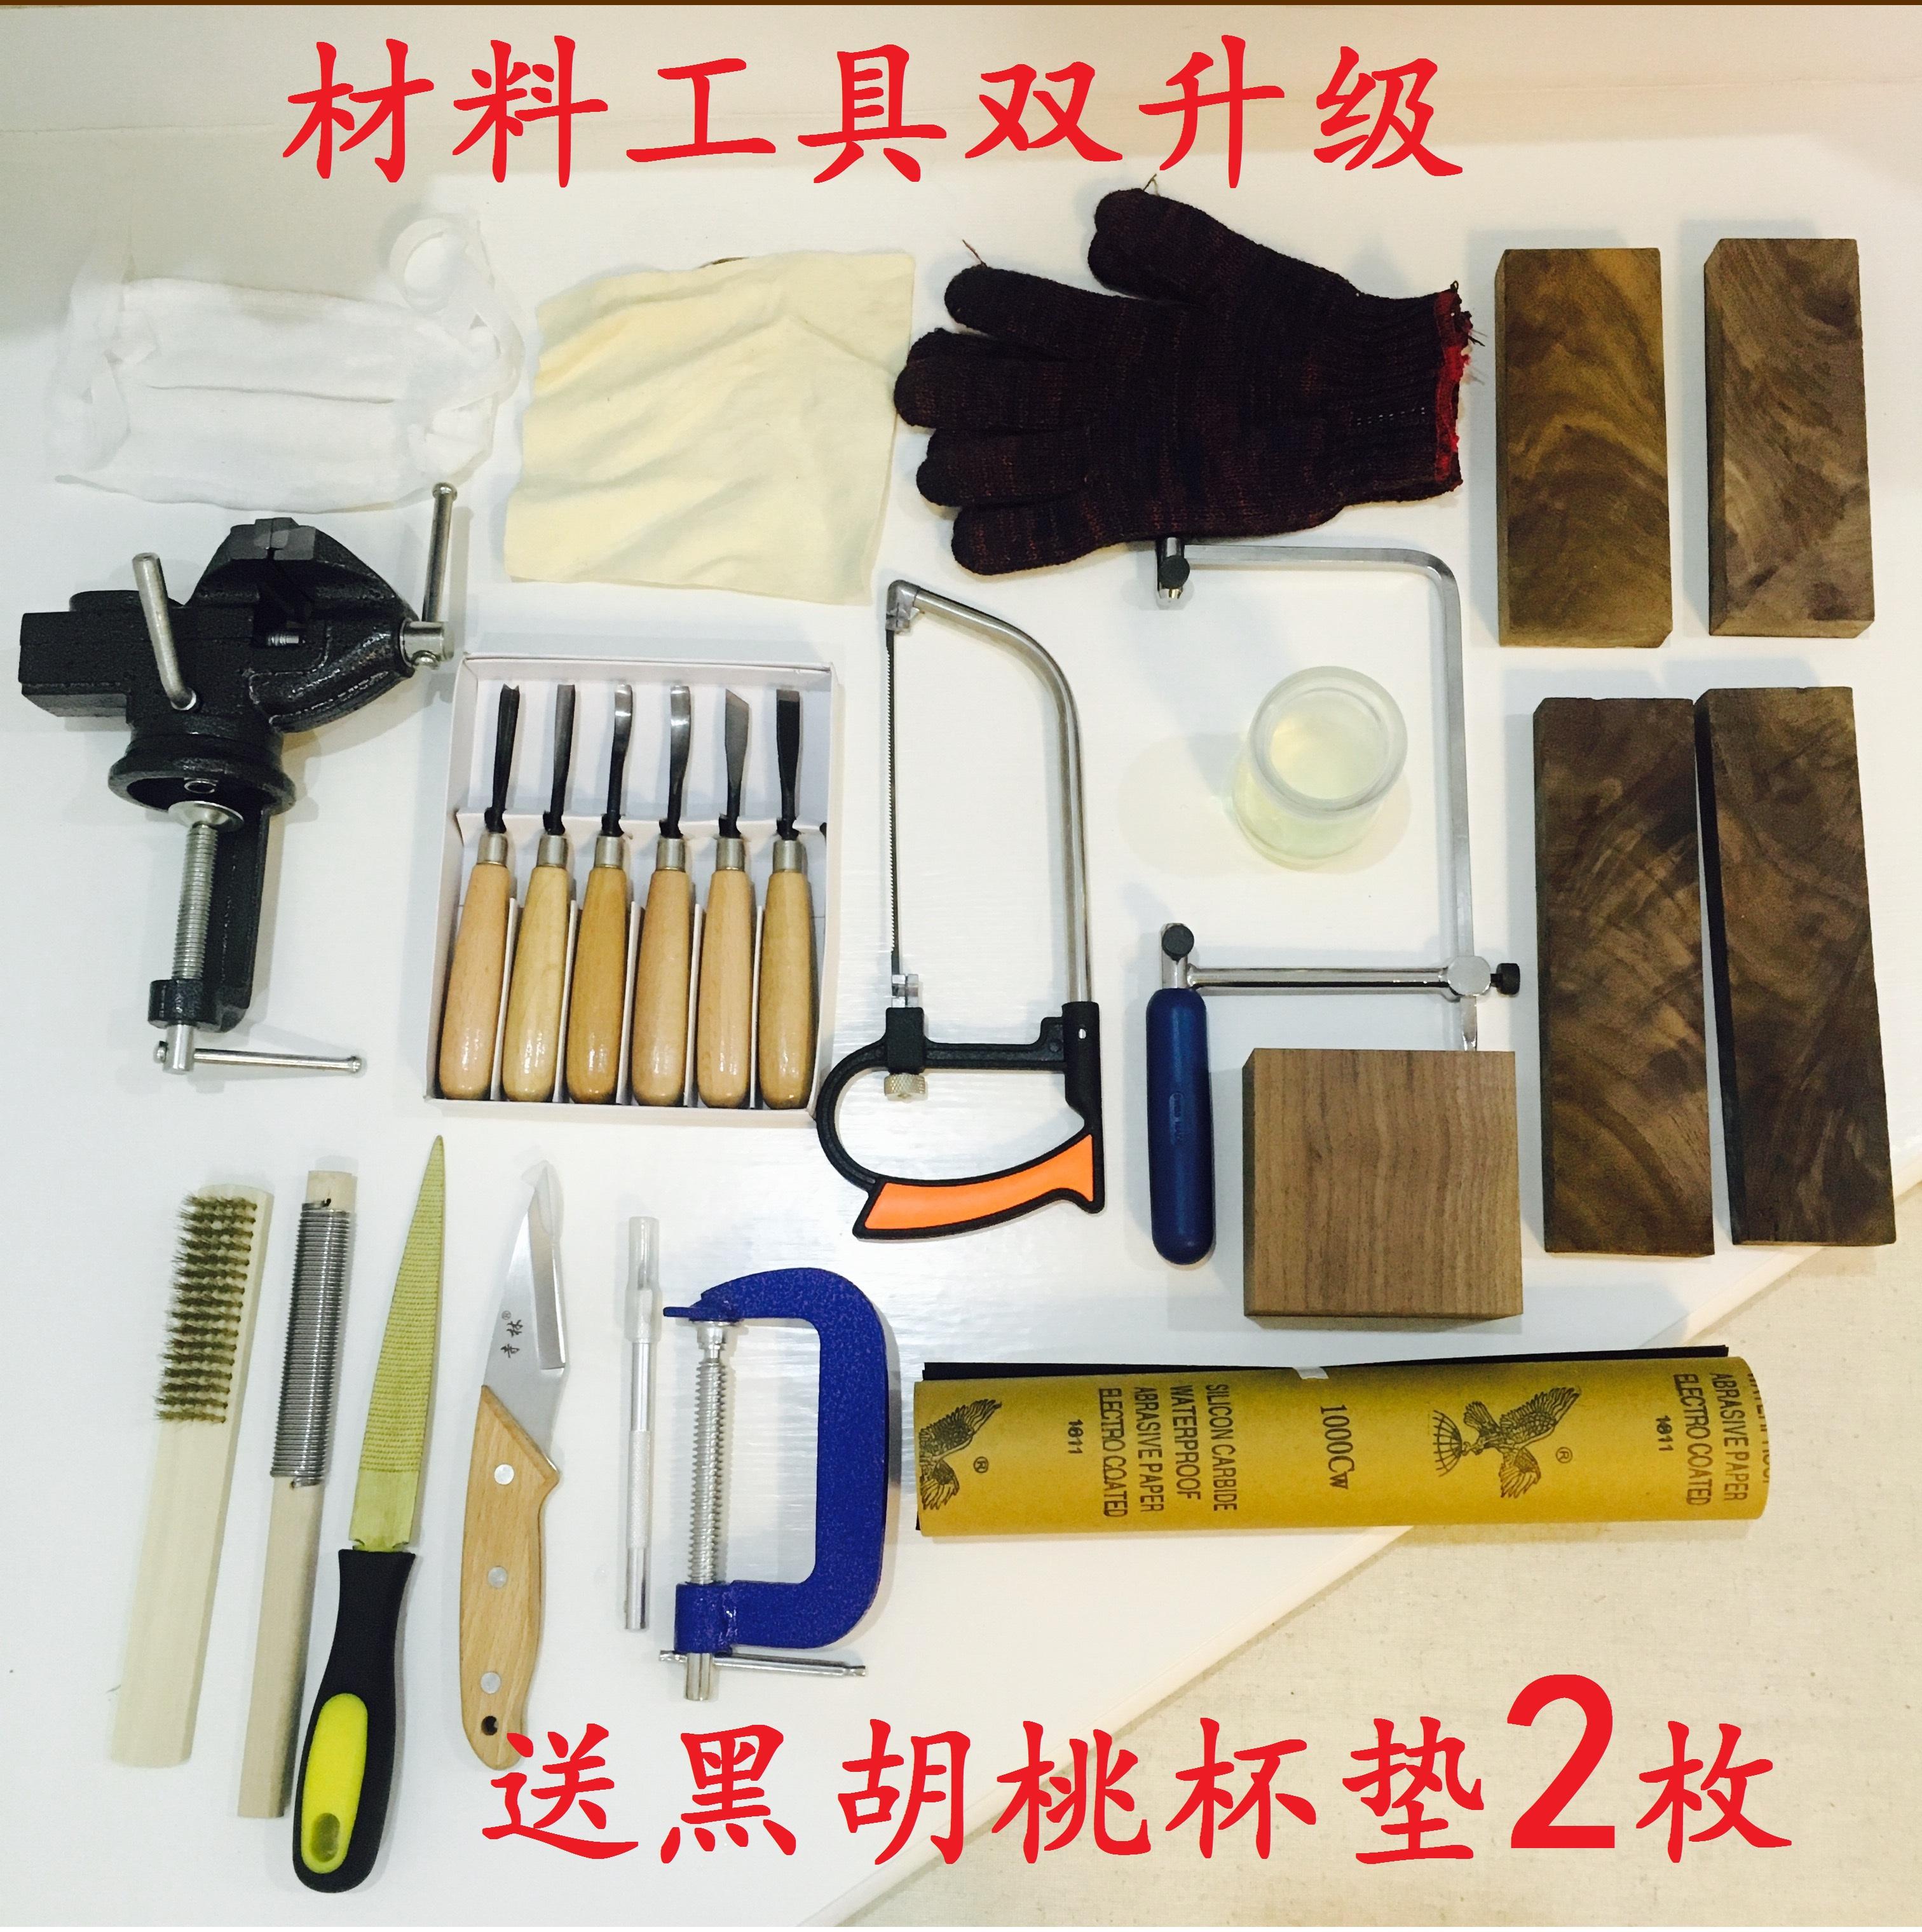 Nuovi strumenti per la Lavorazione DEL LEGNO a cucchiaio di Legno rivestiti di Legno rivestiti di Legno Introduzione di nuovi strumenti come il cucchiaio di Legno in Mano un coltello.